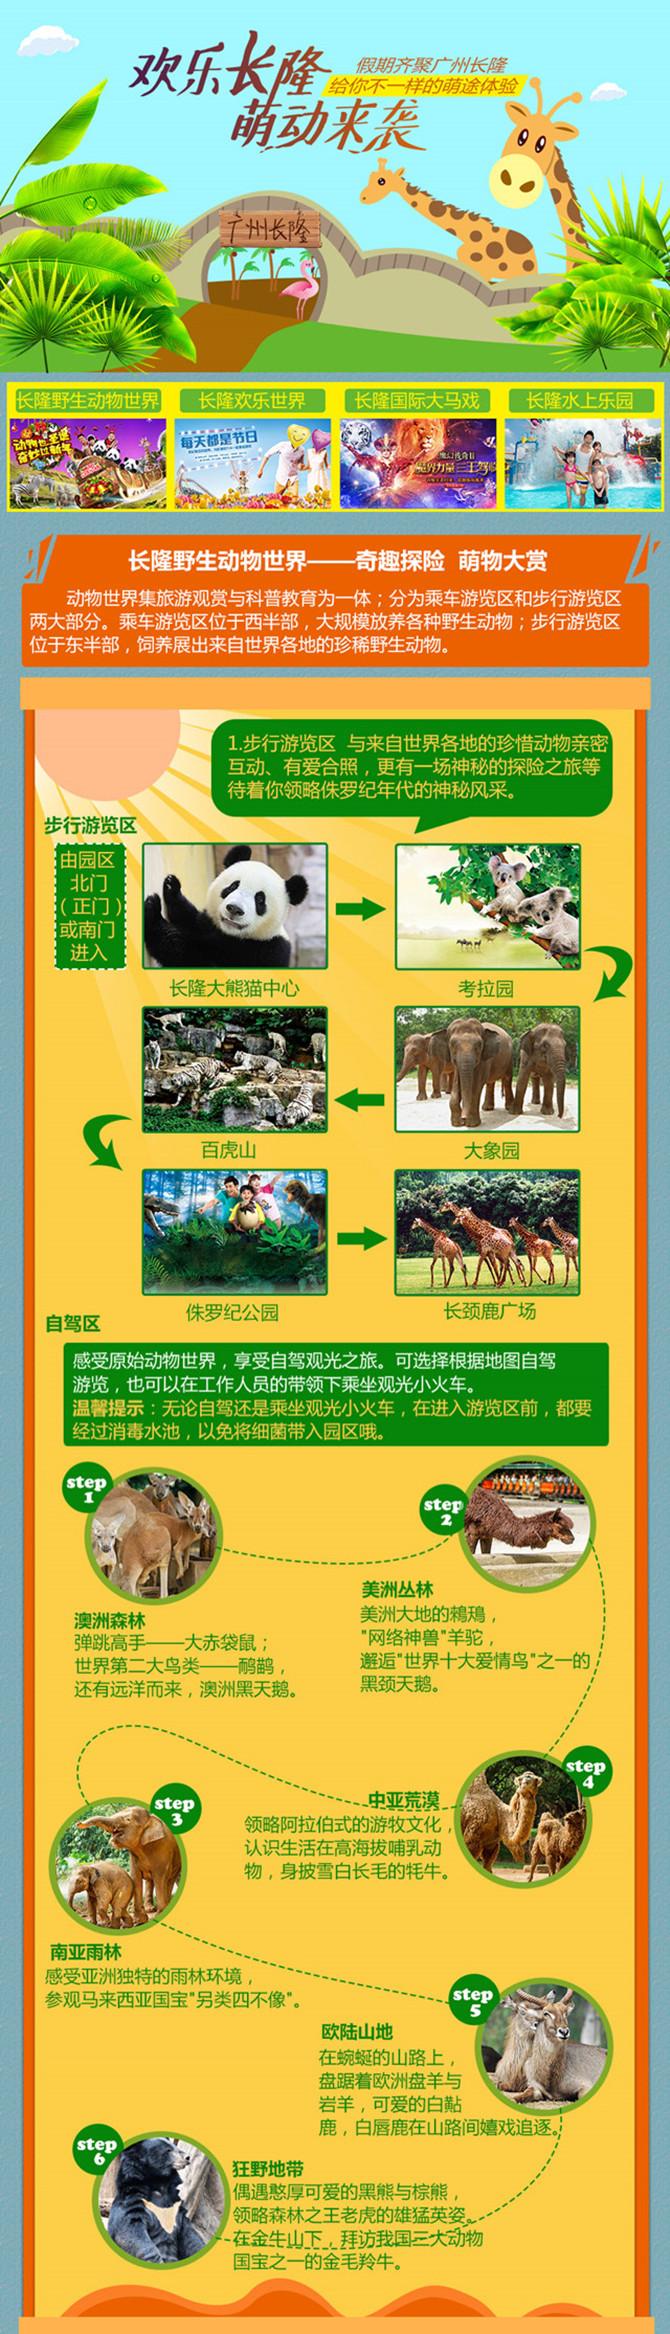 亲子动物园游玩推荐指南